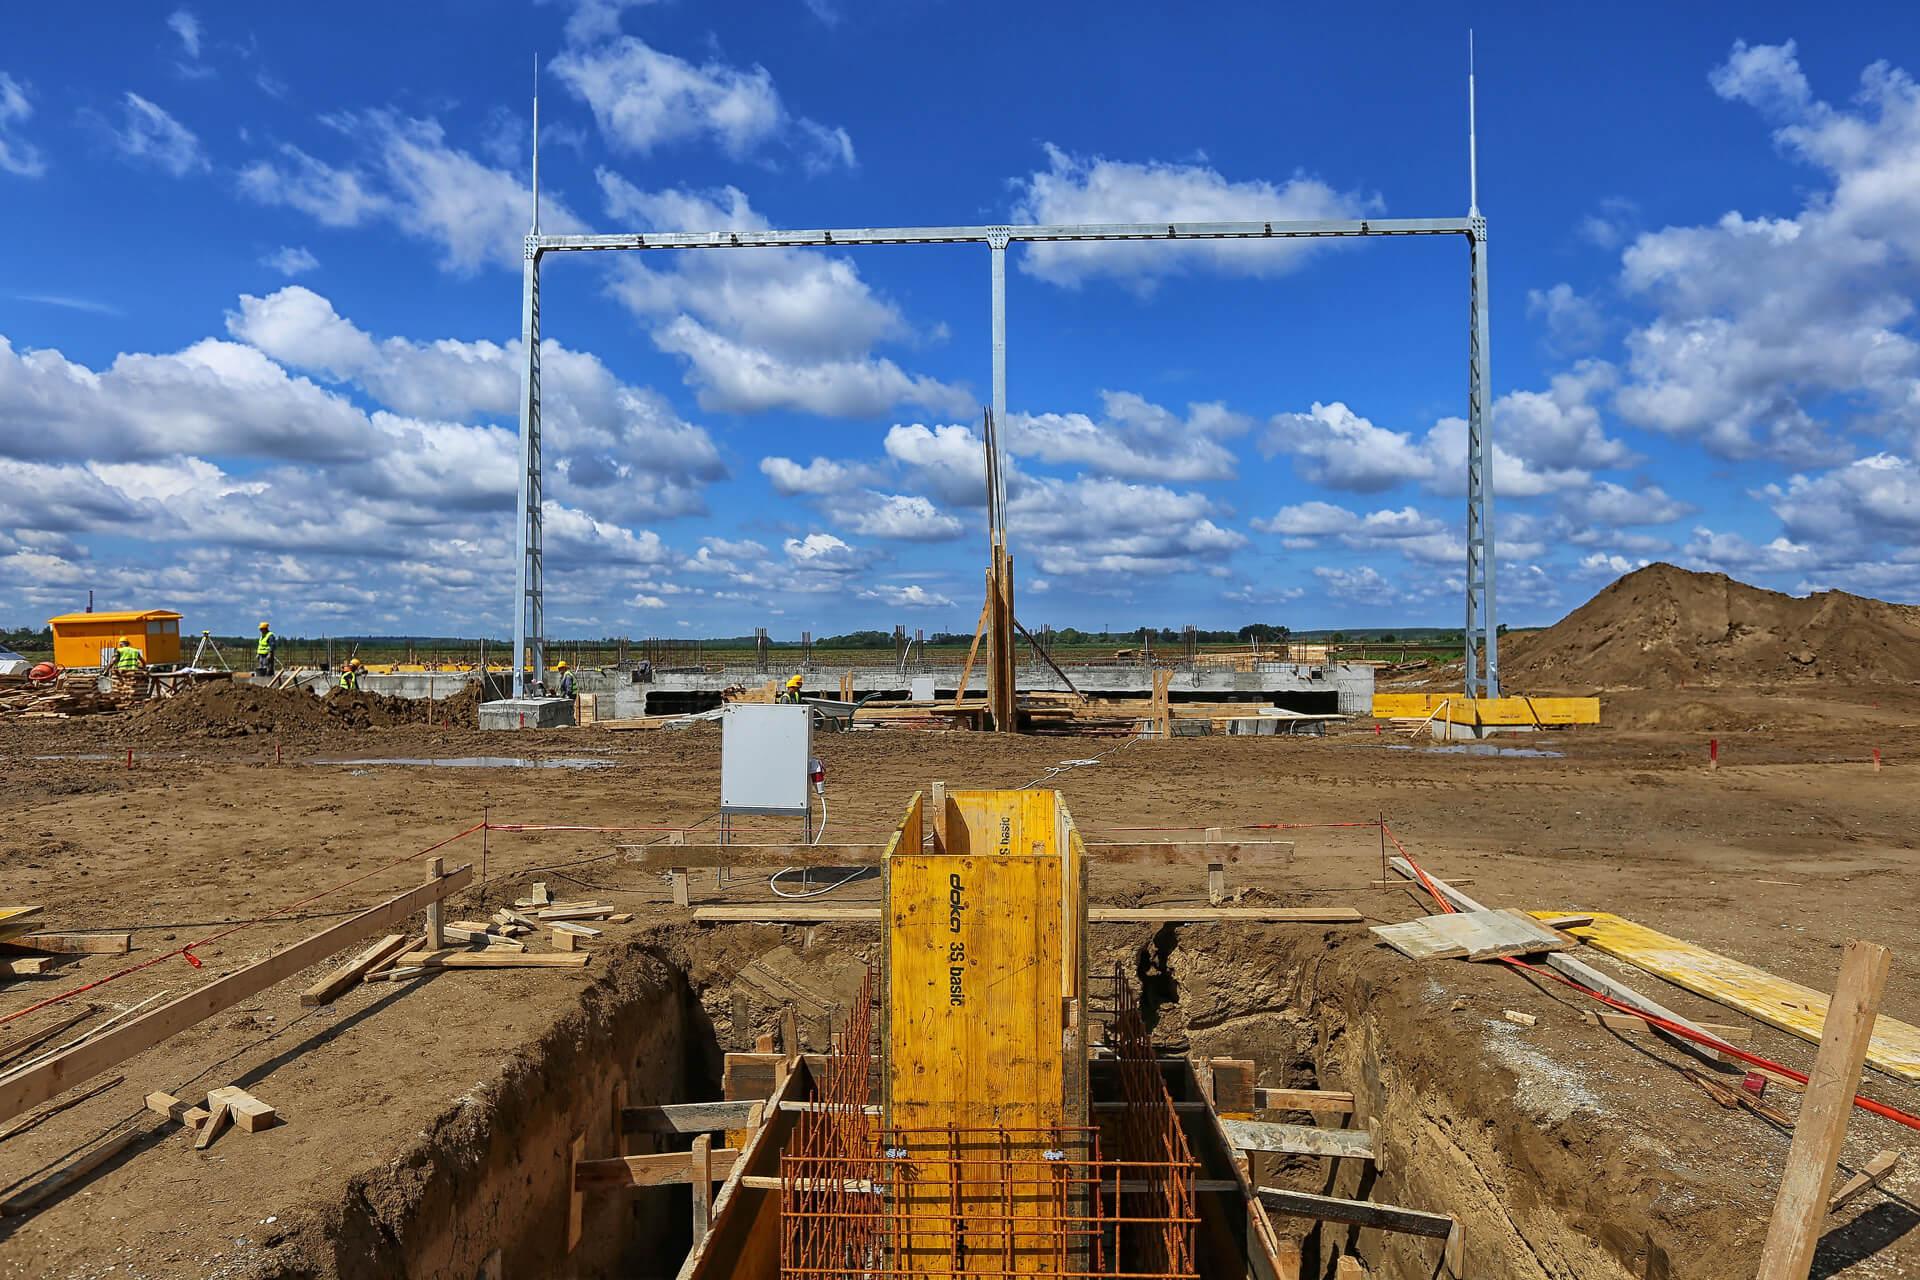 Radovi na izgradnji TS 110/6 kV Rudnik 5 I DV 110kV Rudnik 3 – Rudnik 5